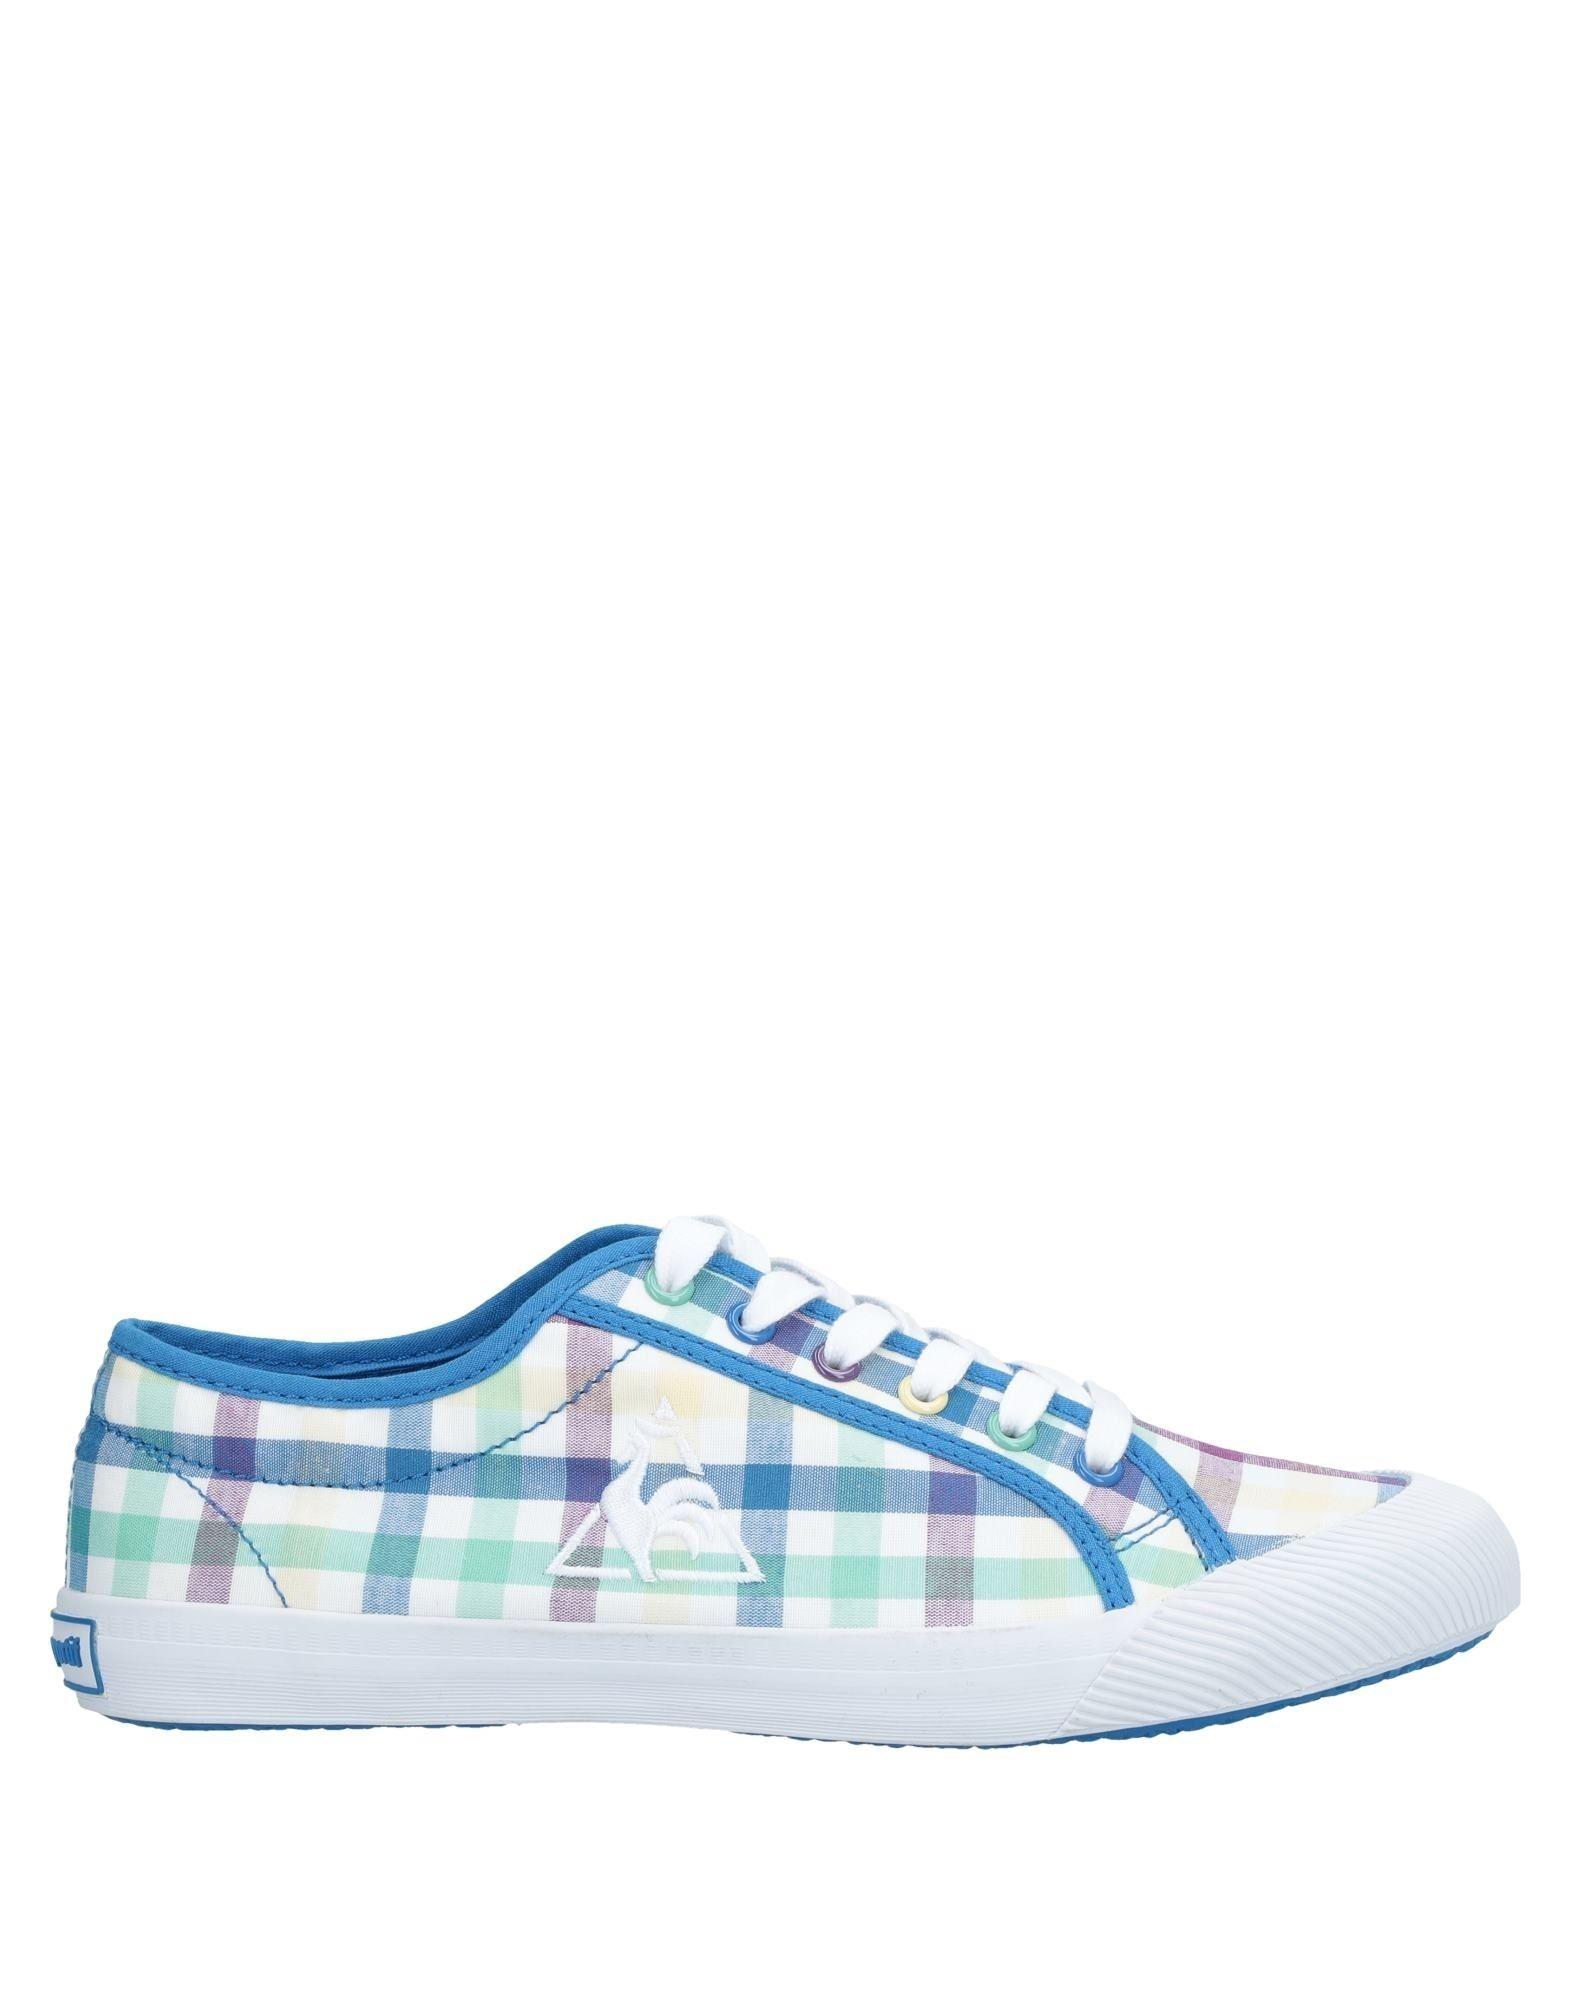 Sneakers Le Coq Sportif Donna - 11539053PK